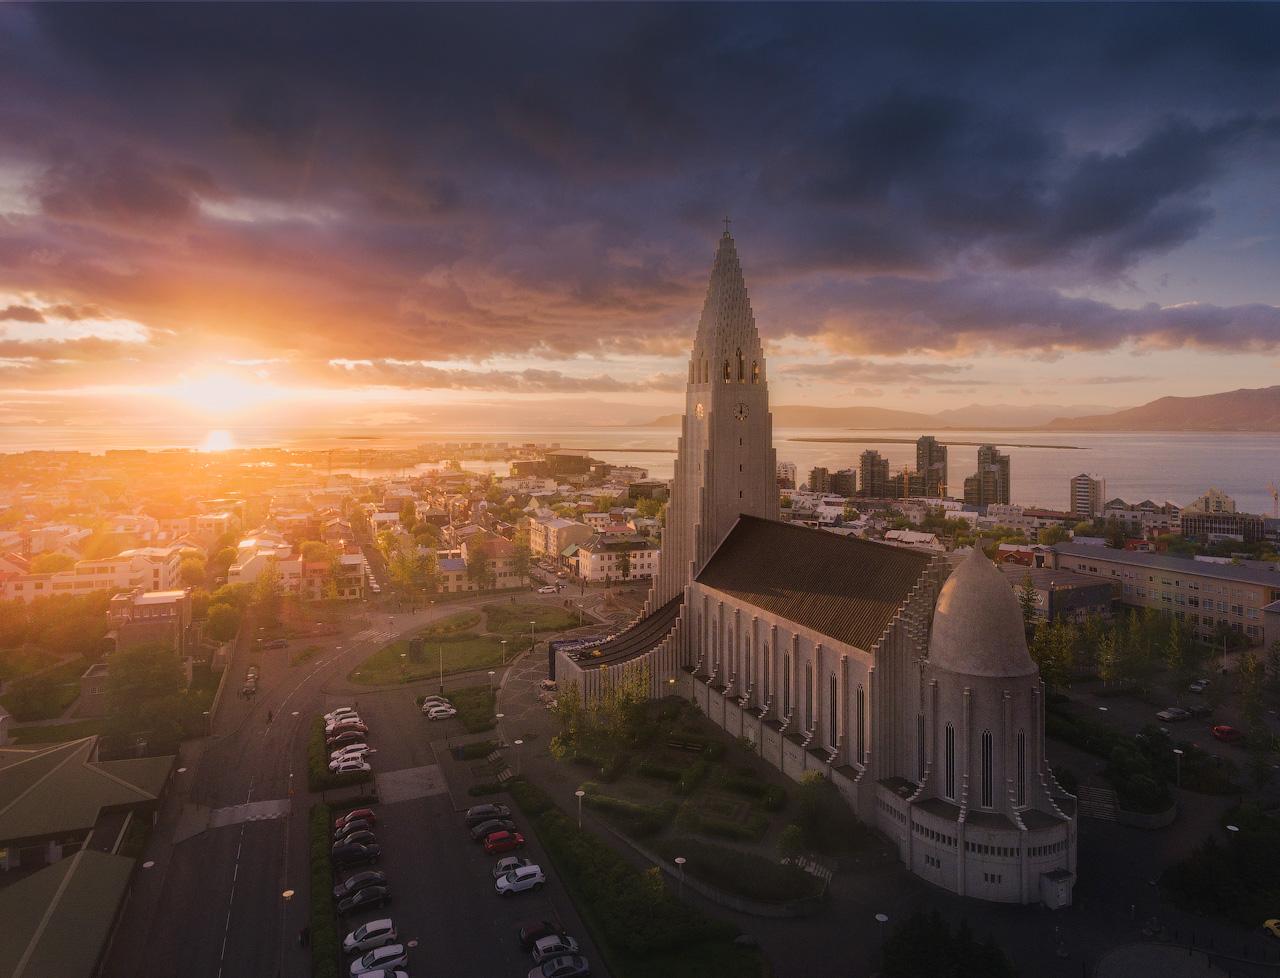 โบสถ์ฮัลกรีมส์เคิร์กยา ที่ส่องประกายท่ามกลางแสงพระอาทิตย์เที่ยงคืน